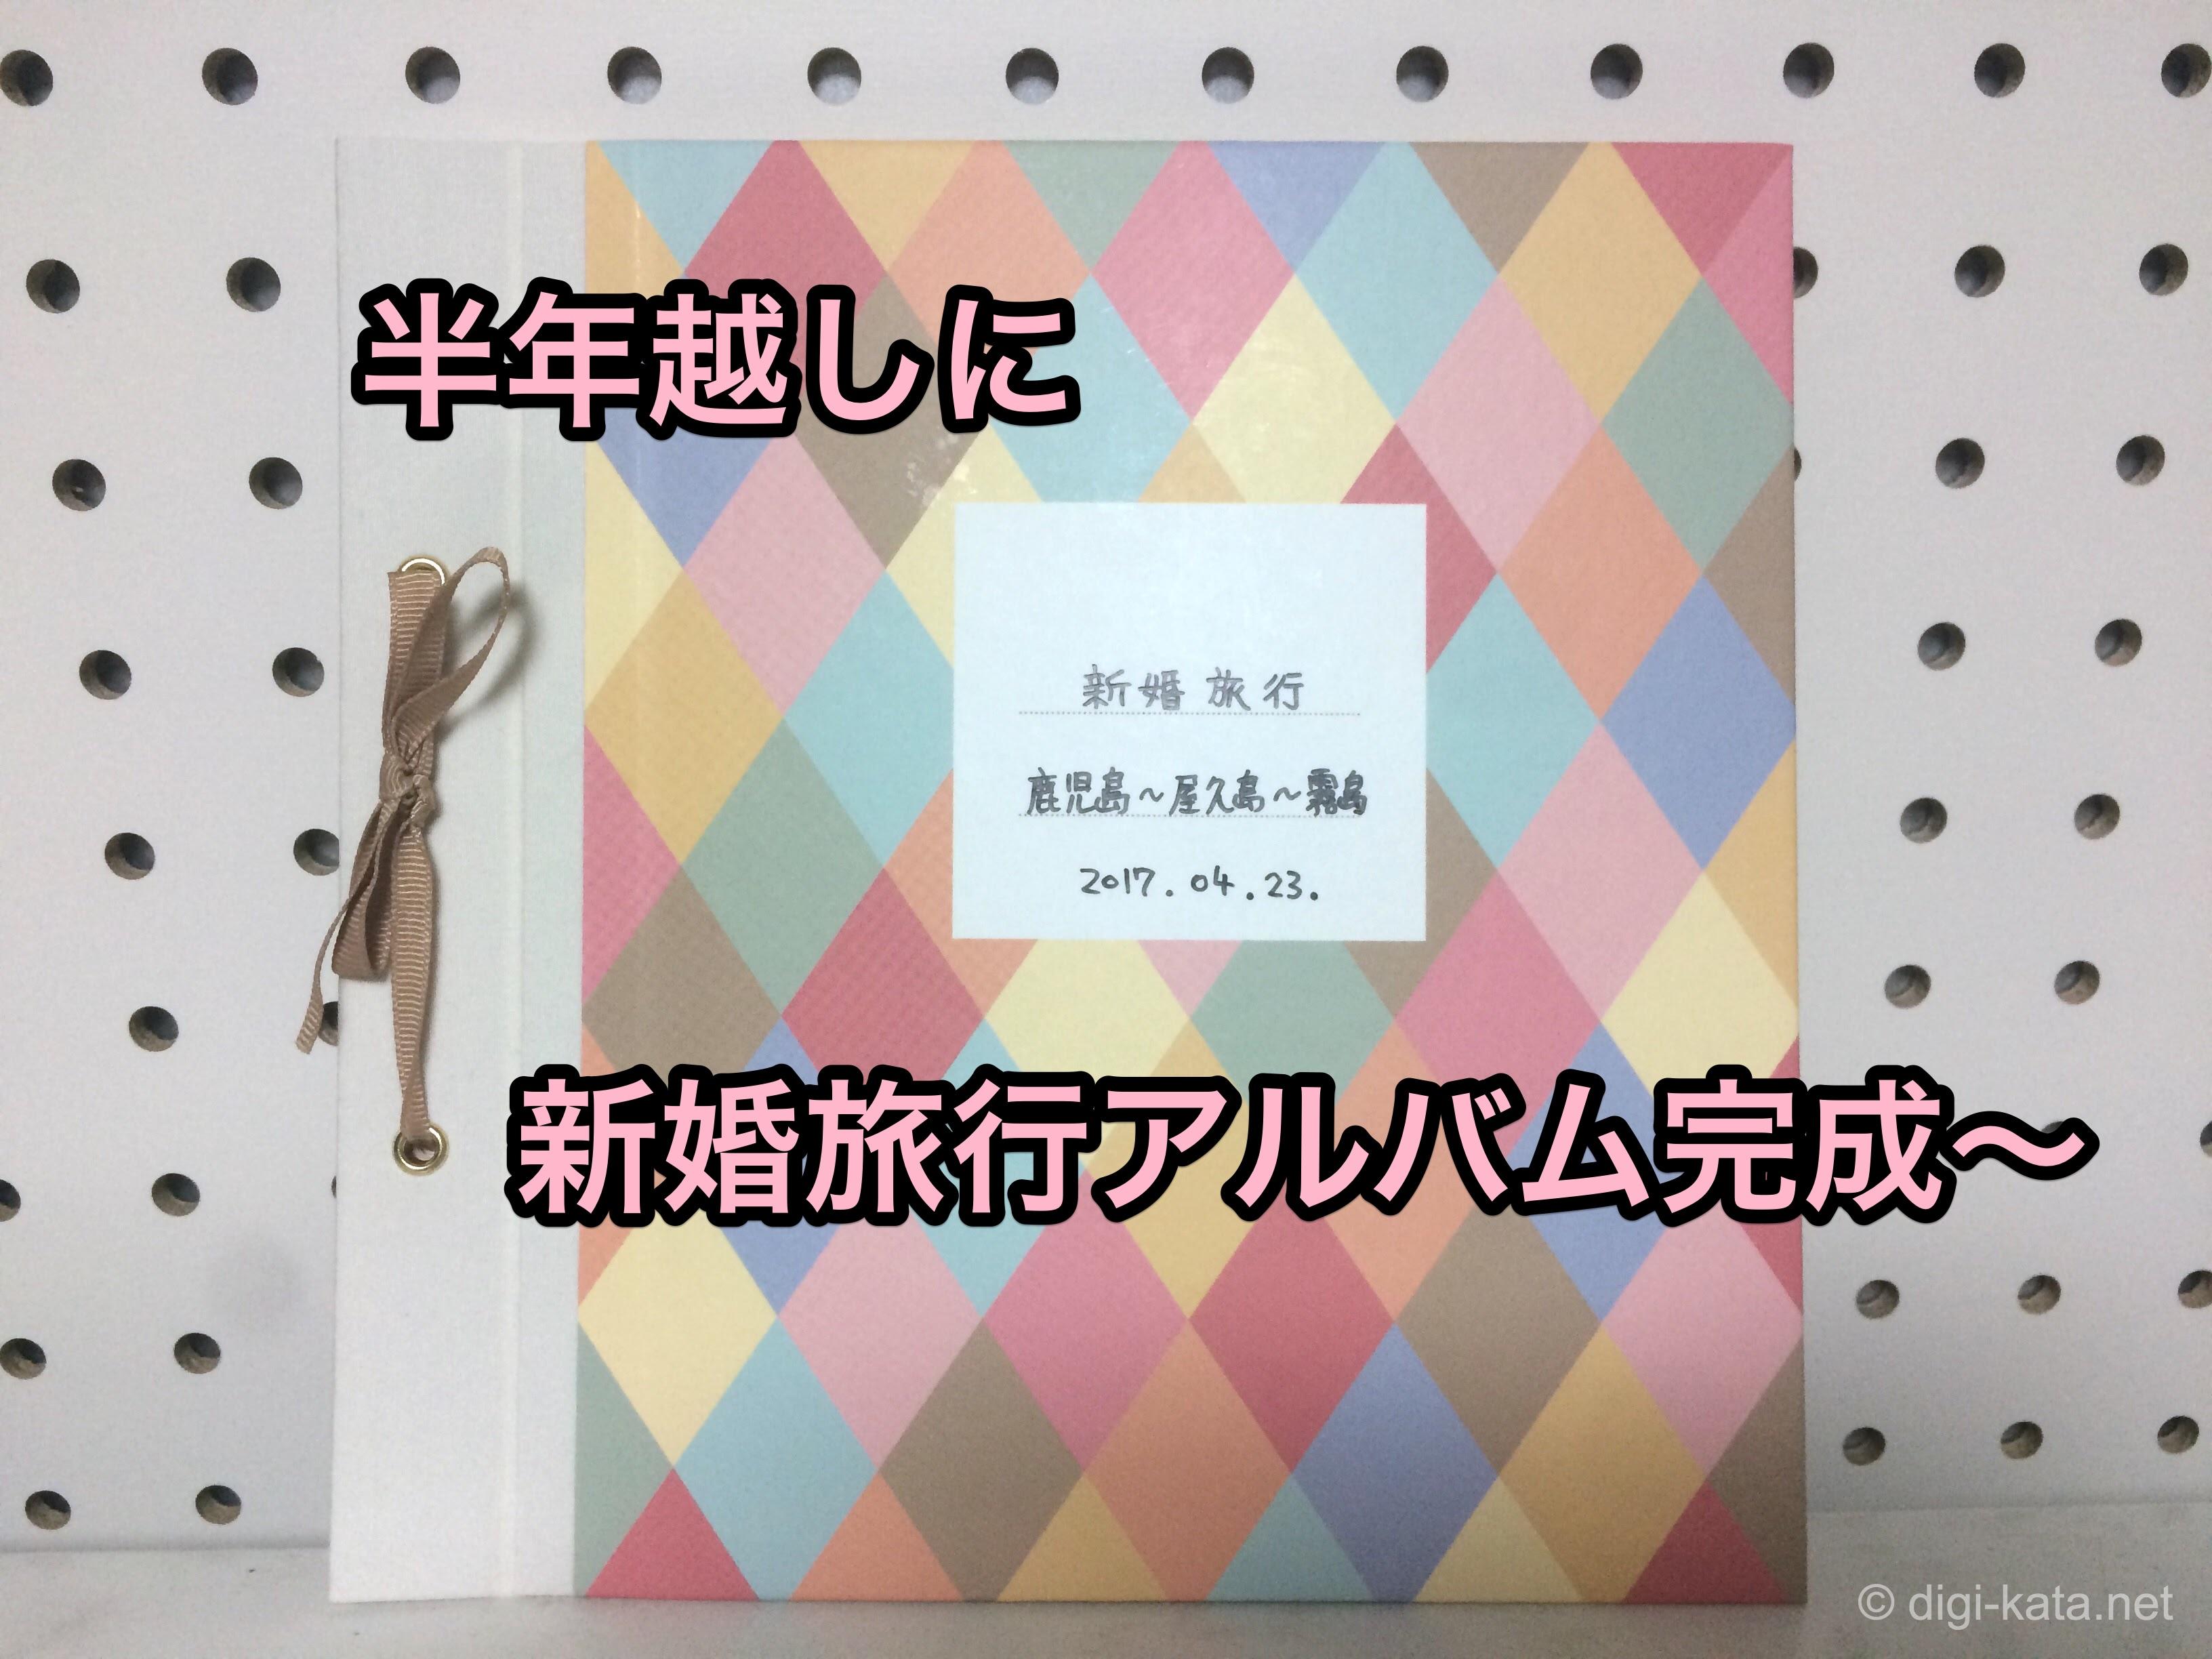 半年越しに新婚旅行アルバム完成〜